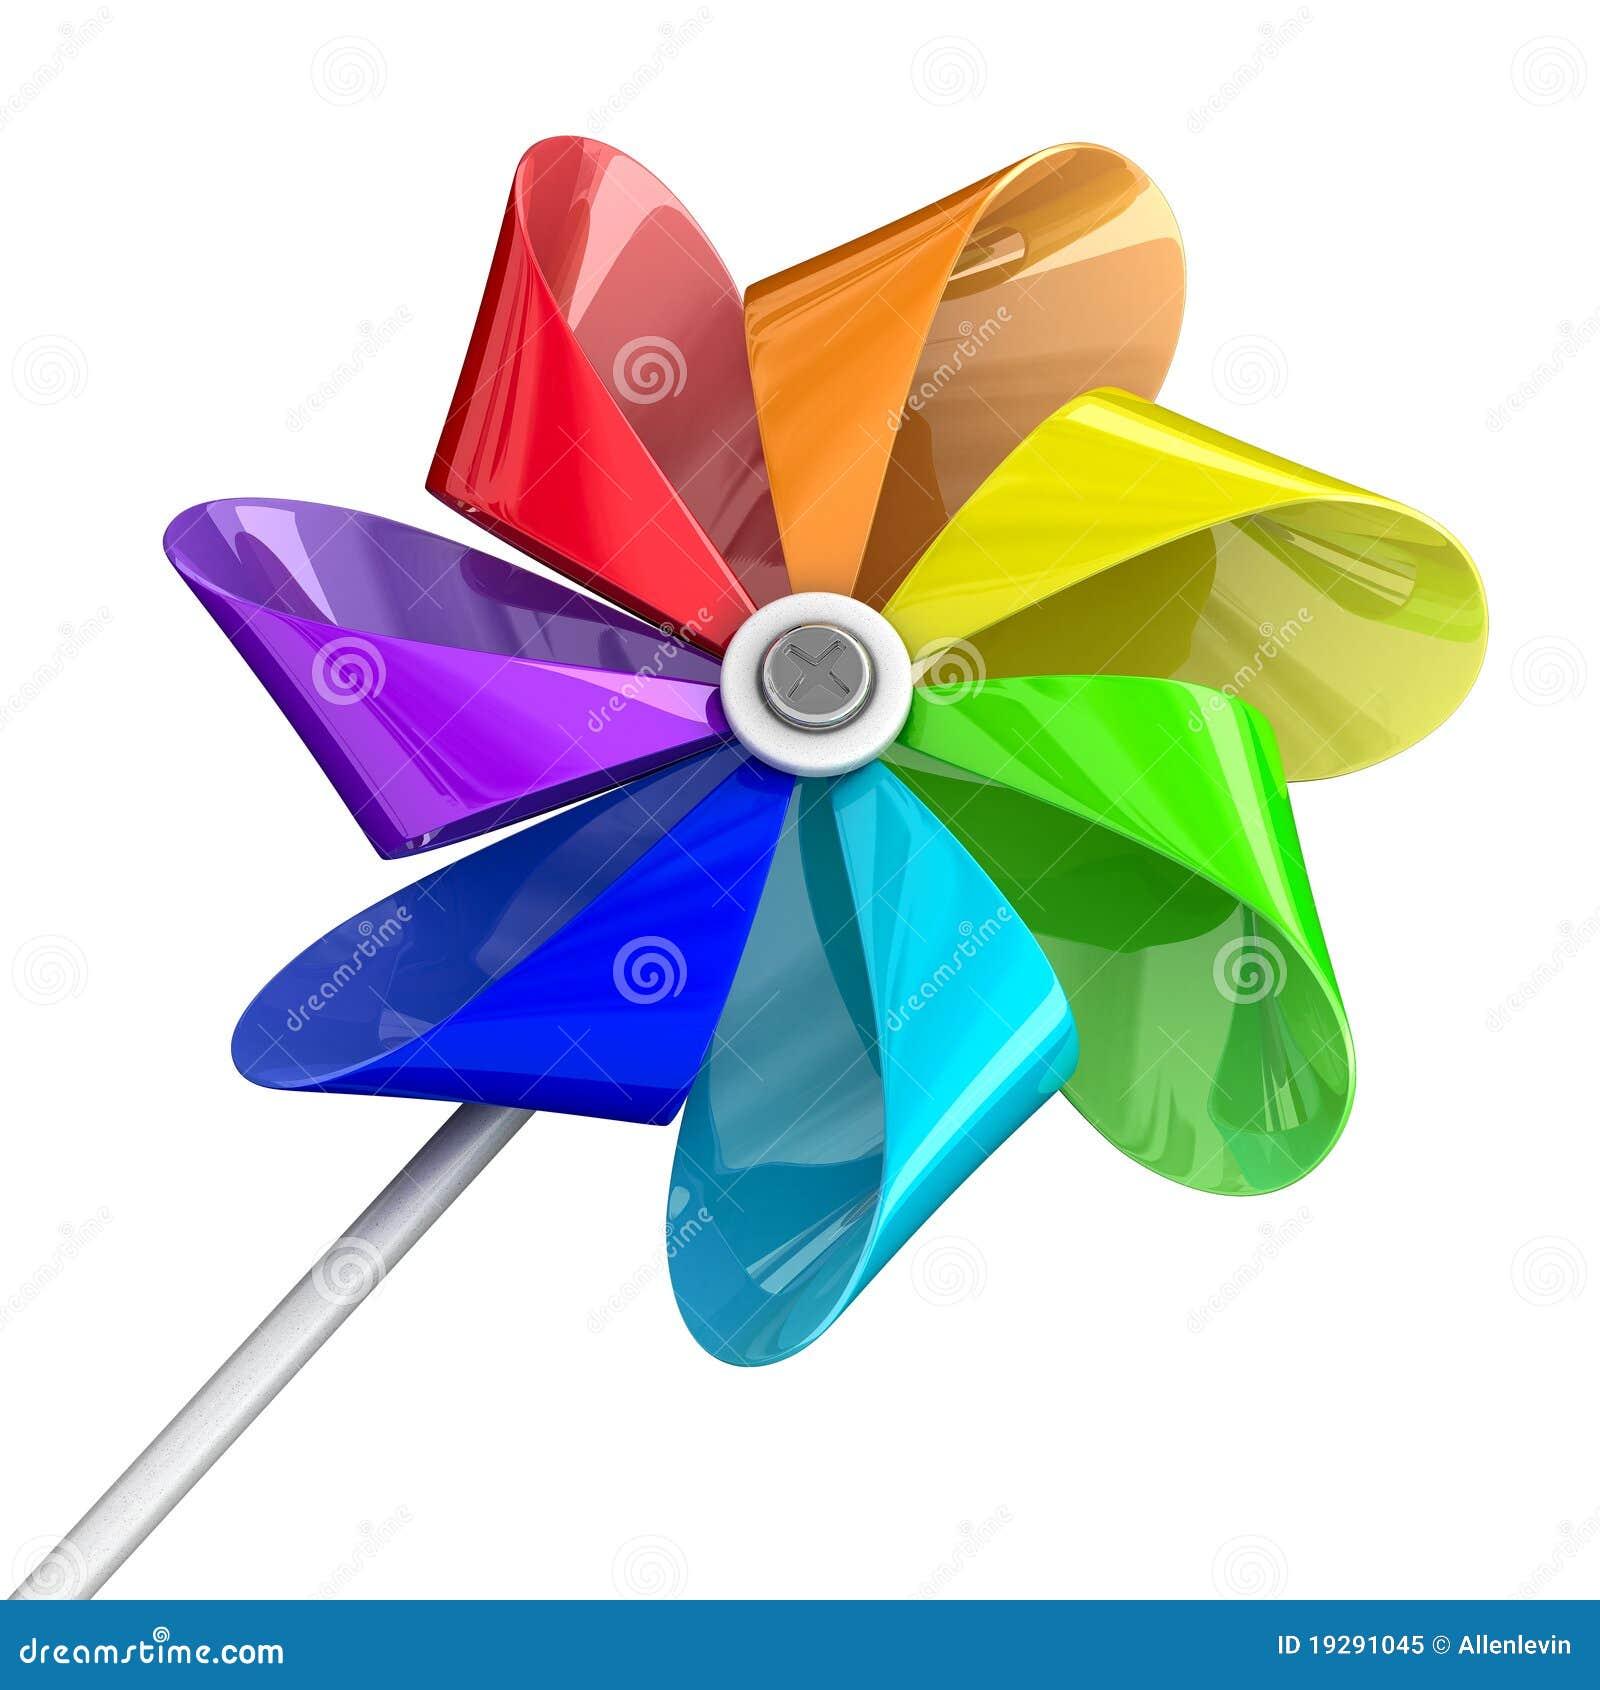 tout est multicolore - Page 3 Jouet-multicolore-de-pinwheel-19291045